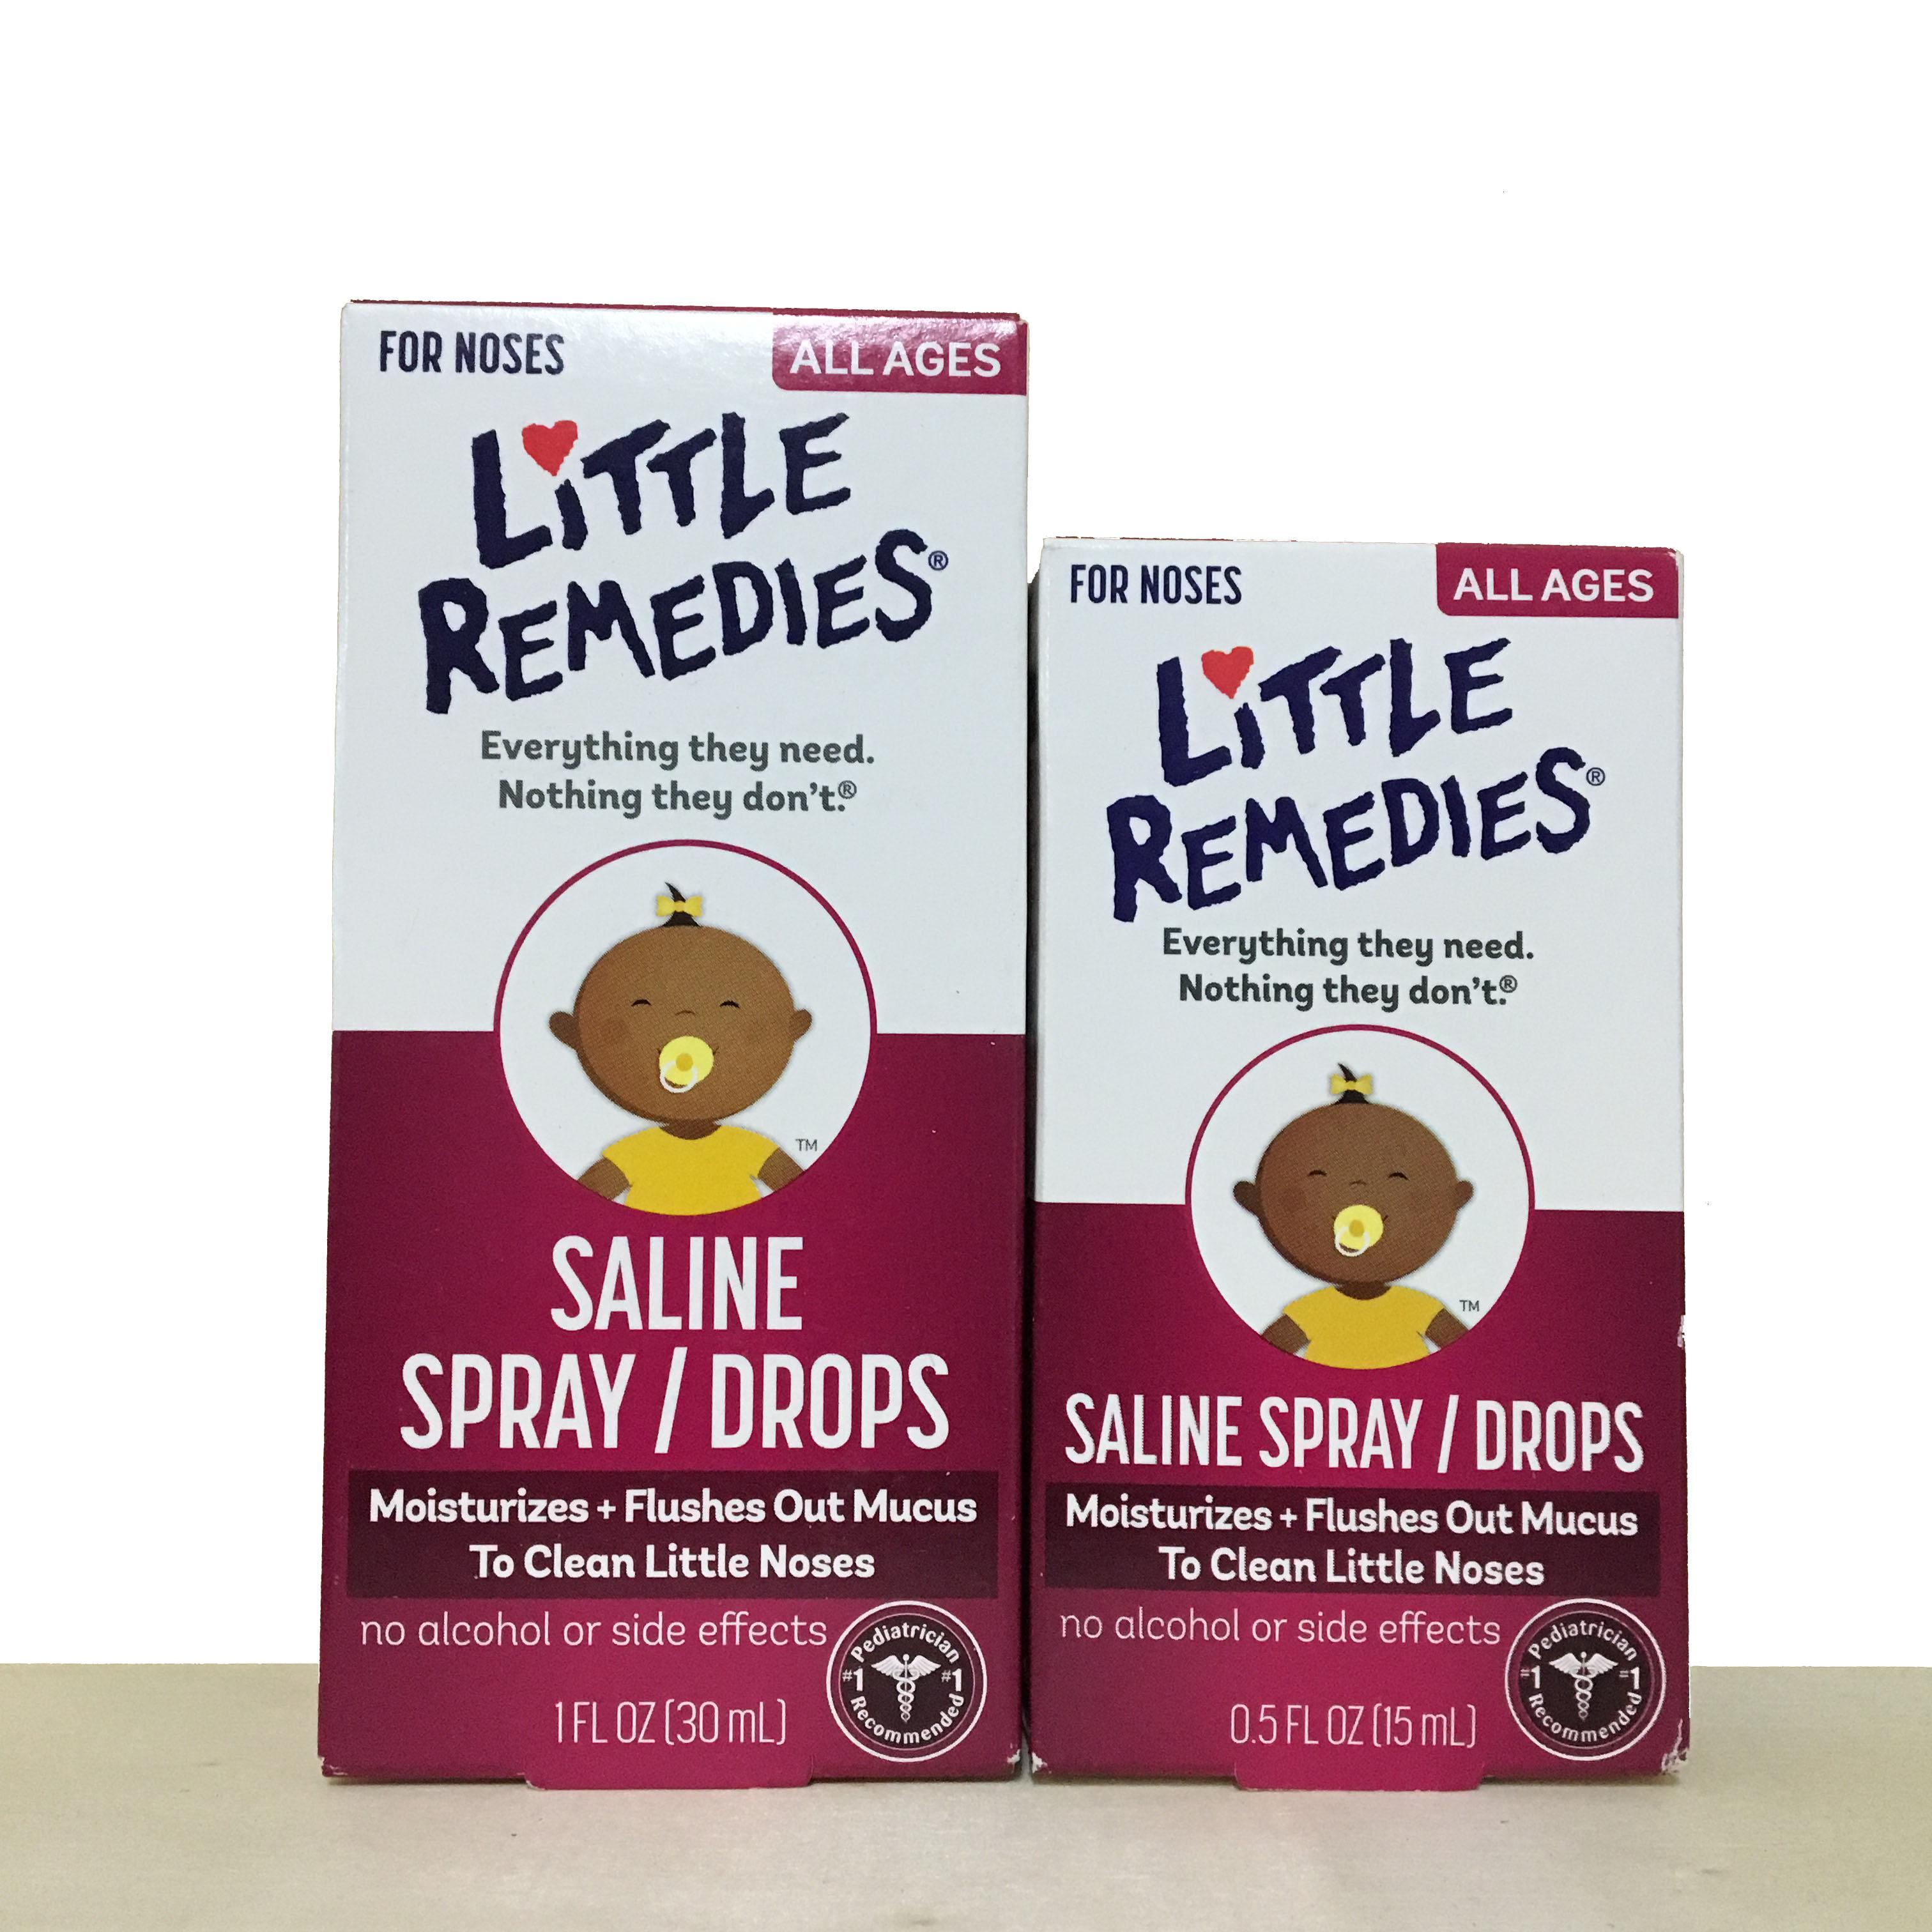 《★美國 Little Remedies》 嬰幼兒滴鼻劑 育嬰必備 美國代購 平行輸入 溫媽媽